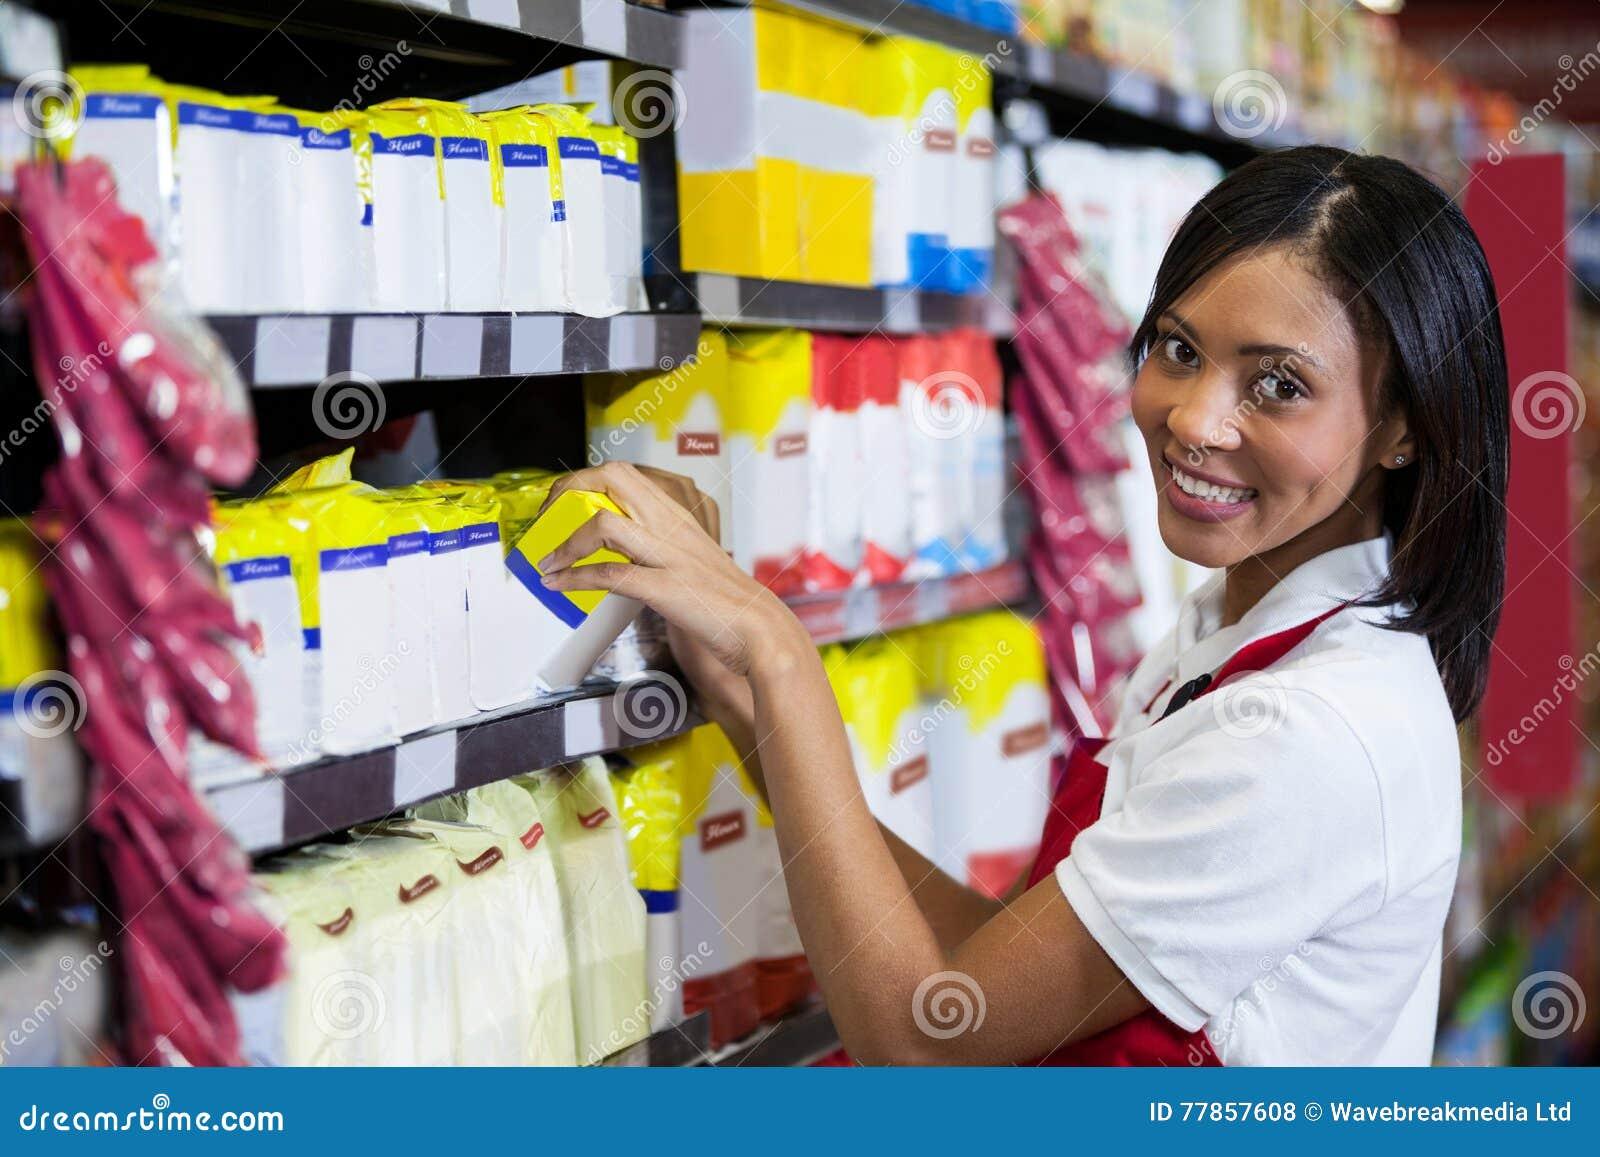 安排在杂货部分的女职工物品